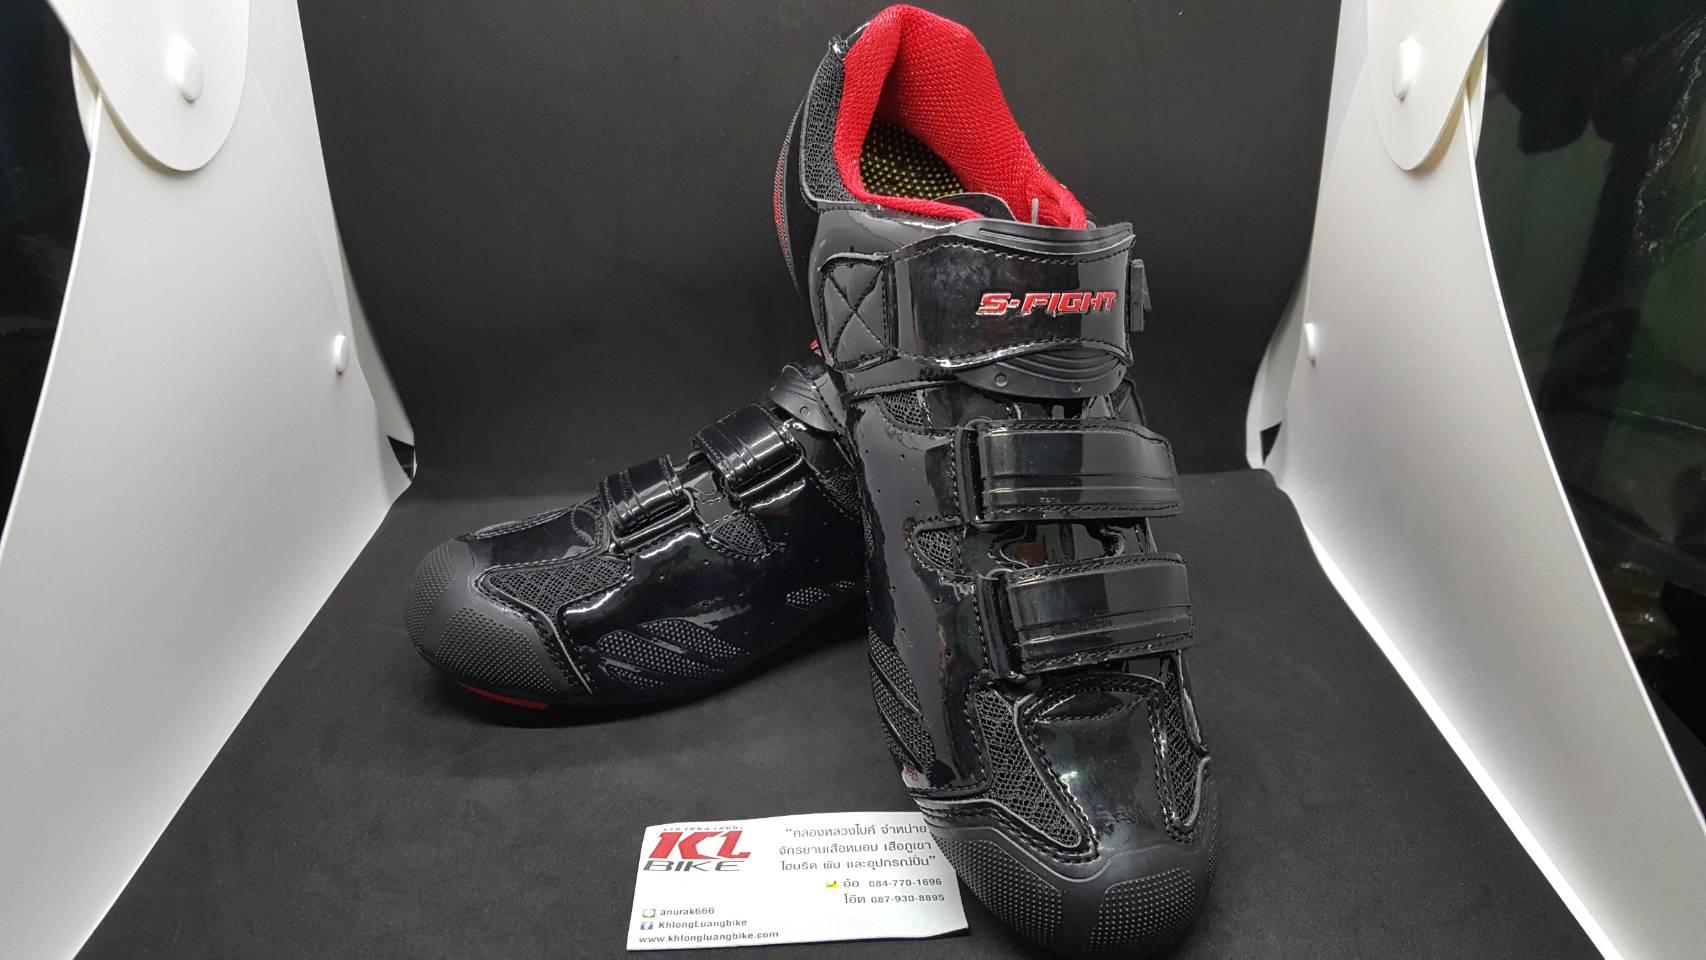 รองเท้าคลีต S Fight F362 สีดำแดง แบบ 2 in 1 ใส่ได้ทั้งคลีตหมอบและภูเขา พื้นไนล่อน